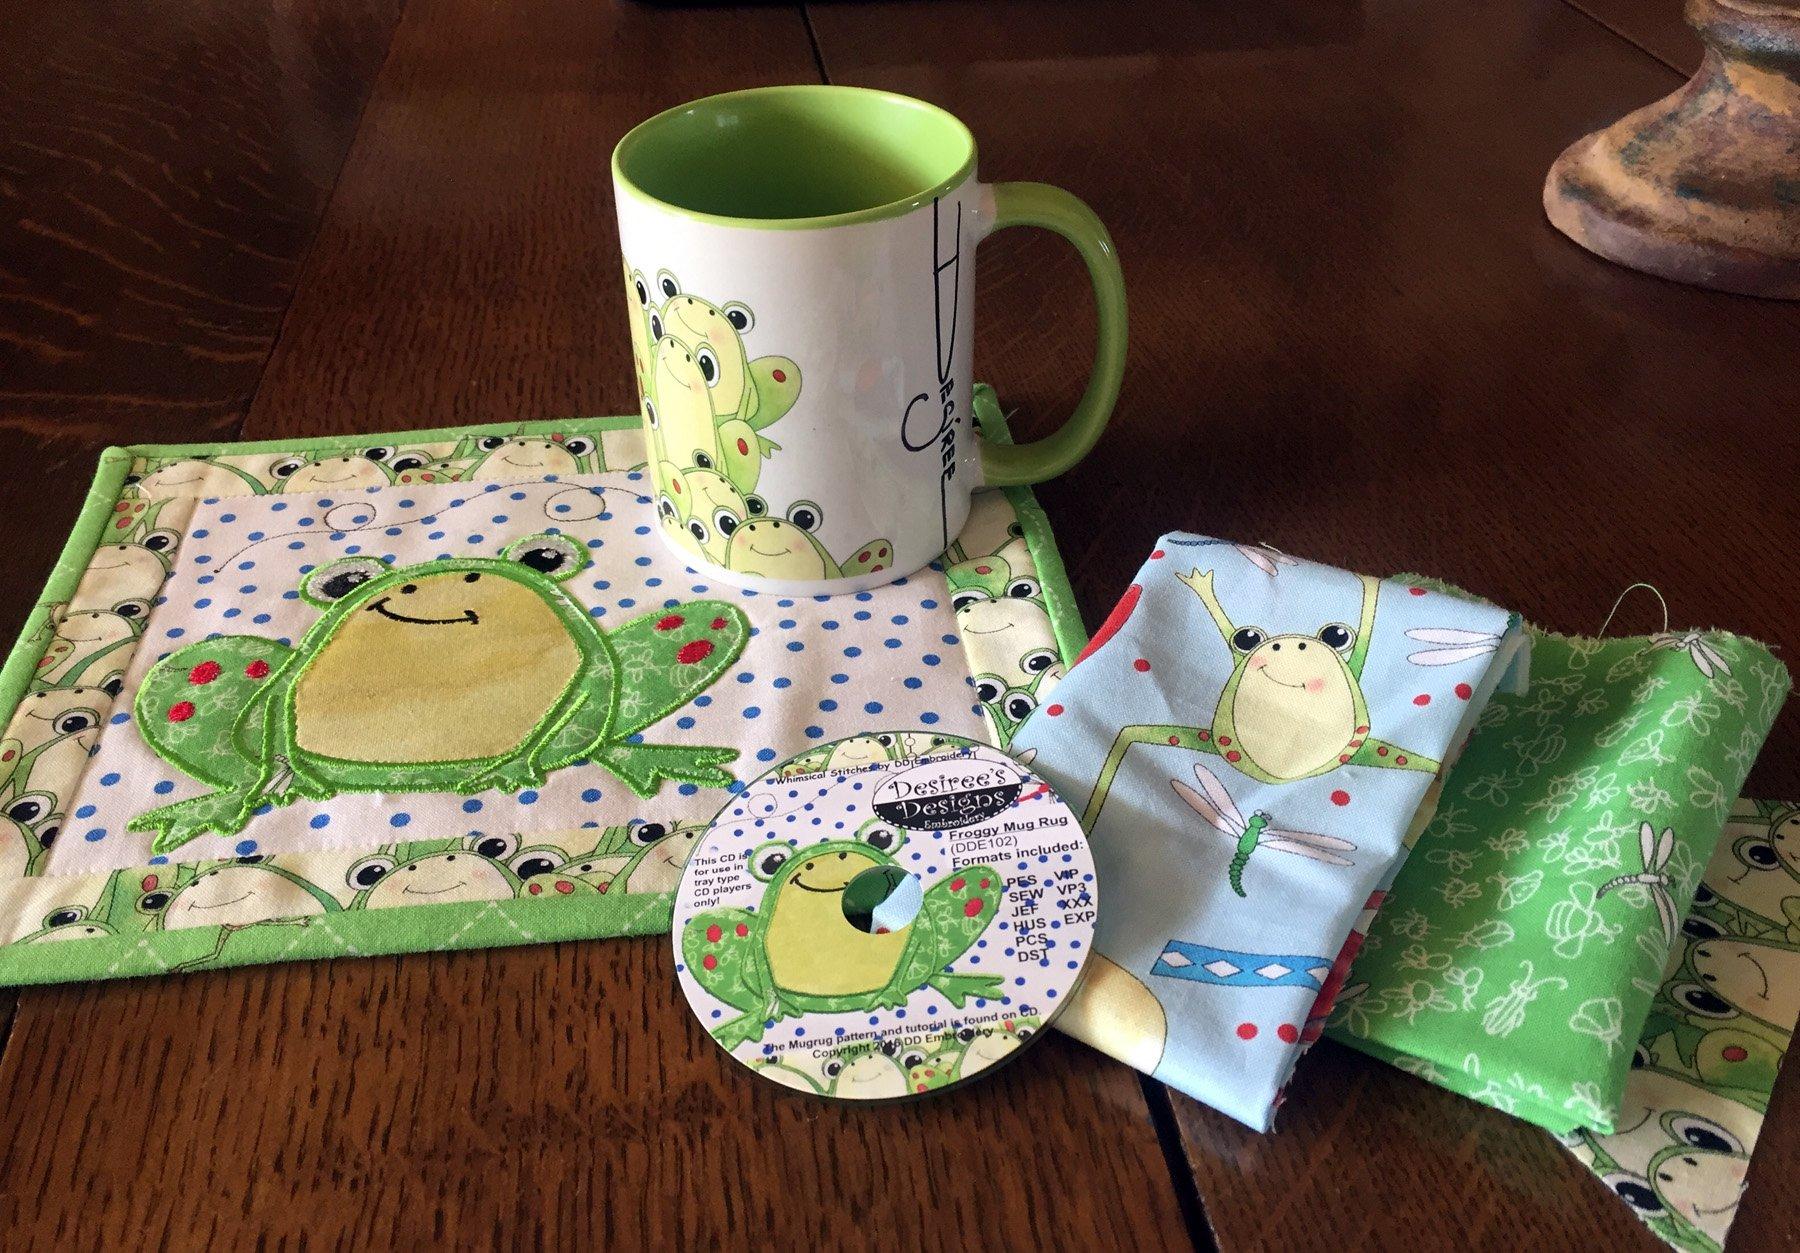 Limited Edition Tasty Tidbits Frog Mug Rug Embroidery CD with matching Coffee Mug Kit